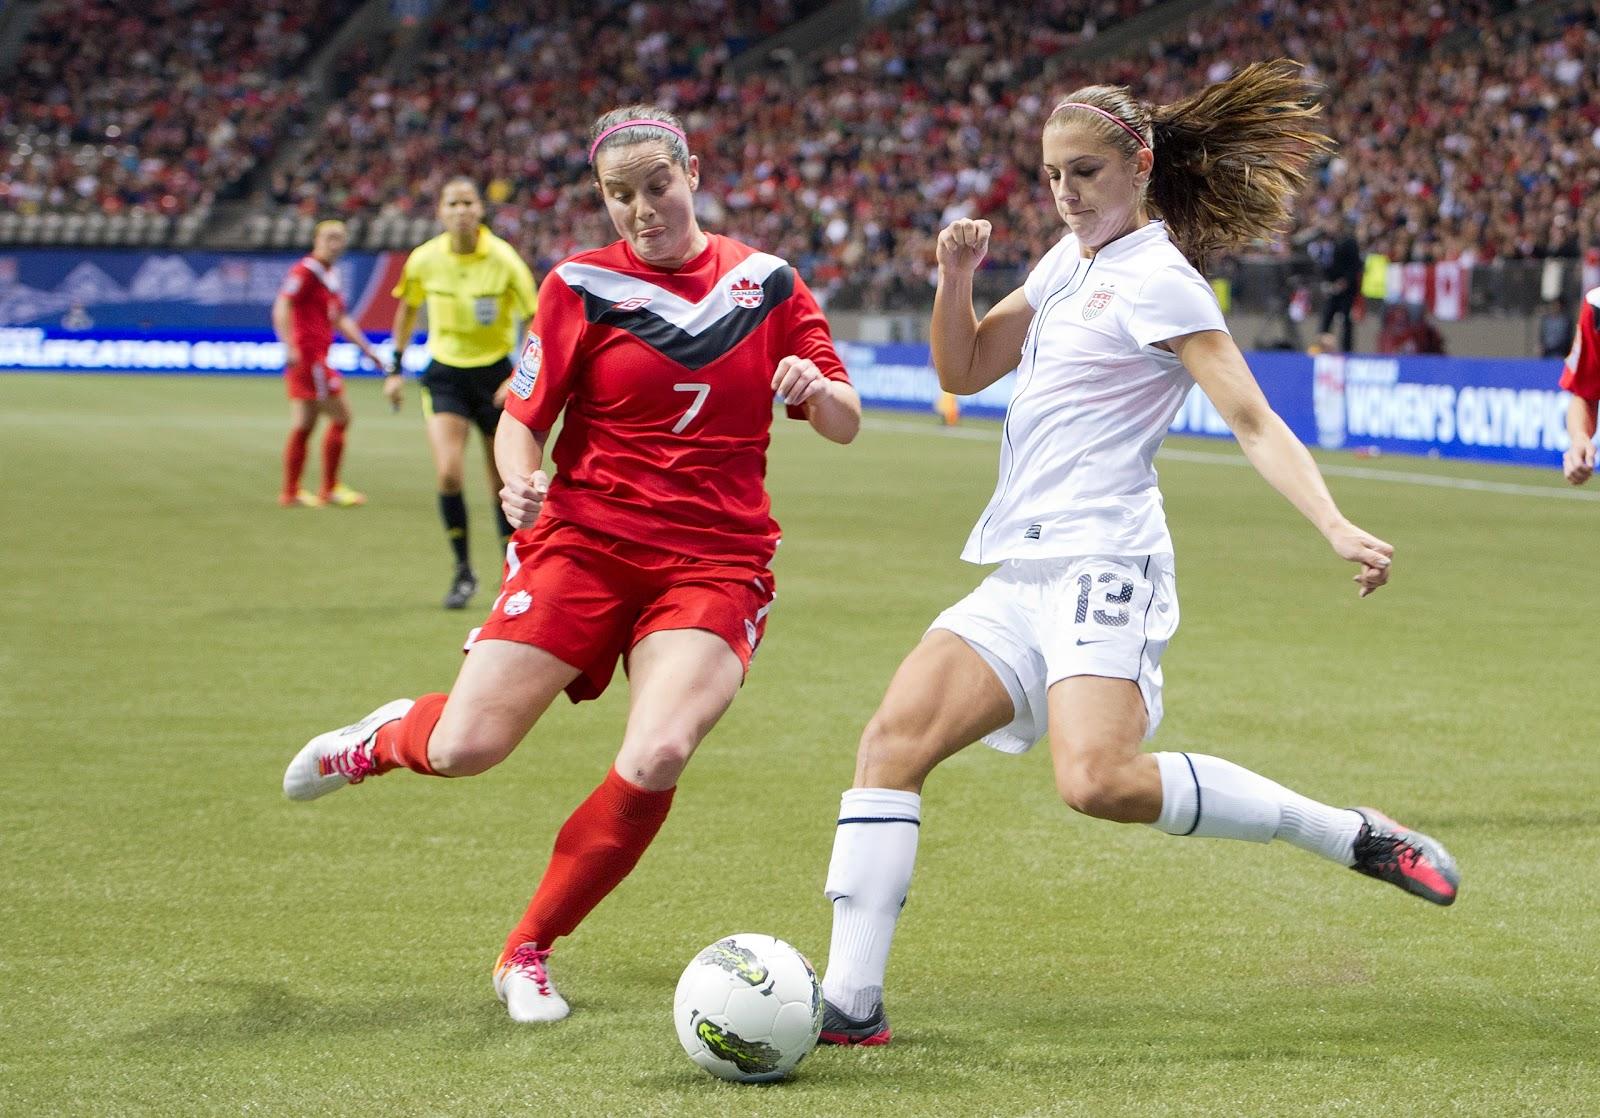 http://4.bp.blogspot.com/-1YO4u63-4So/T_74ob93W4I/AAAAAAAABOk/n8BZ4nPDXhU/s1600/alex_morgan+usa+soccer.jpg